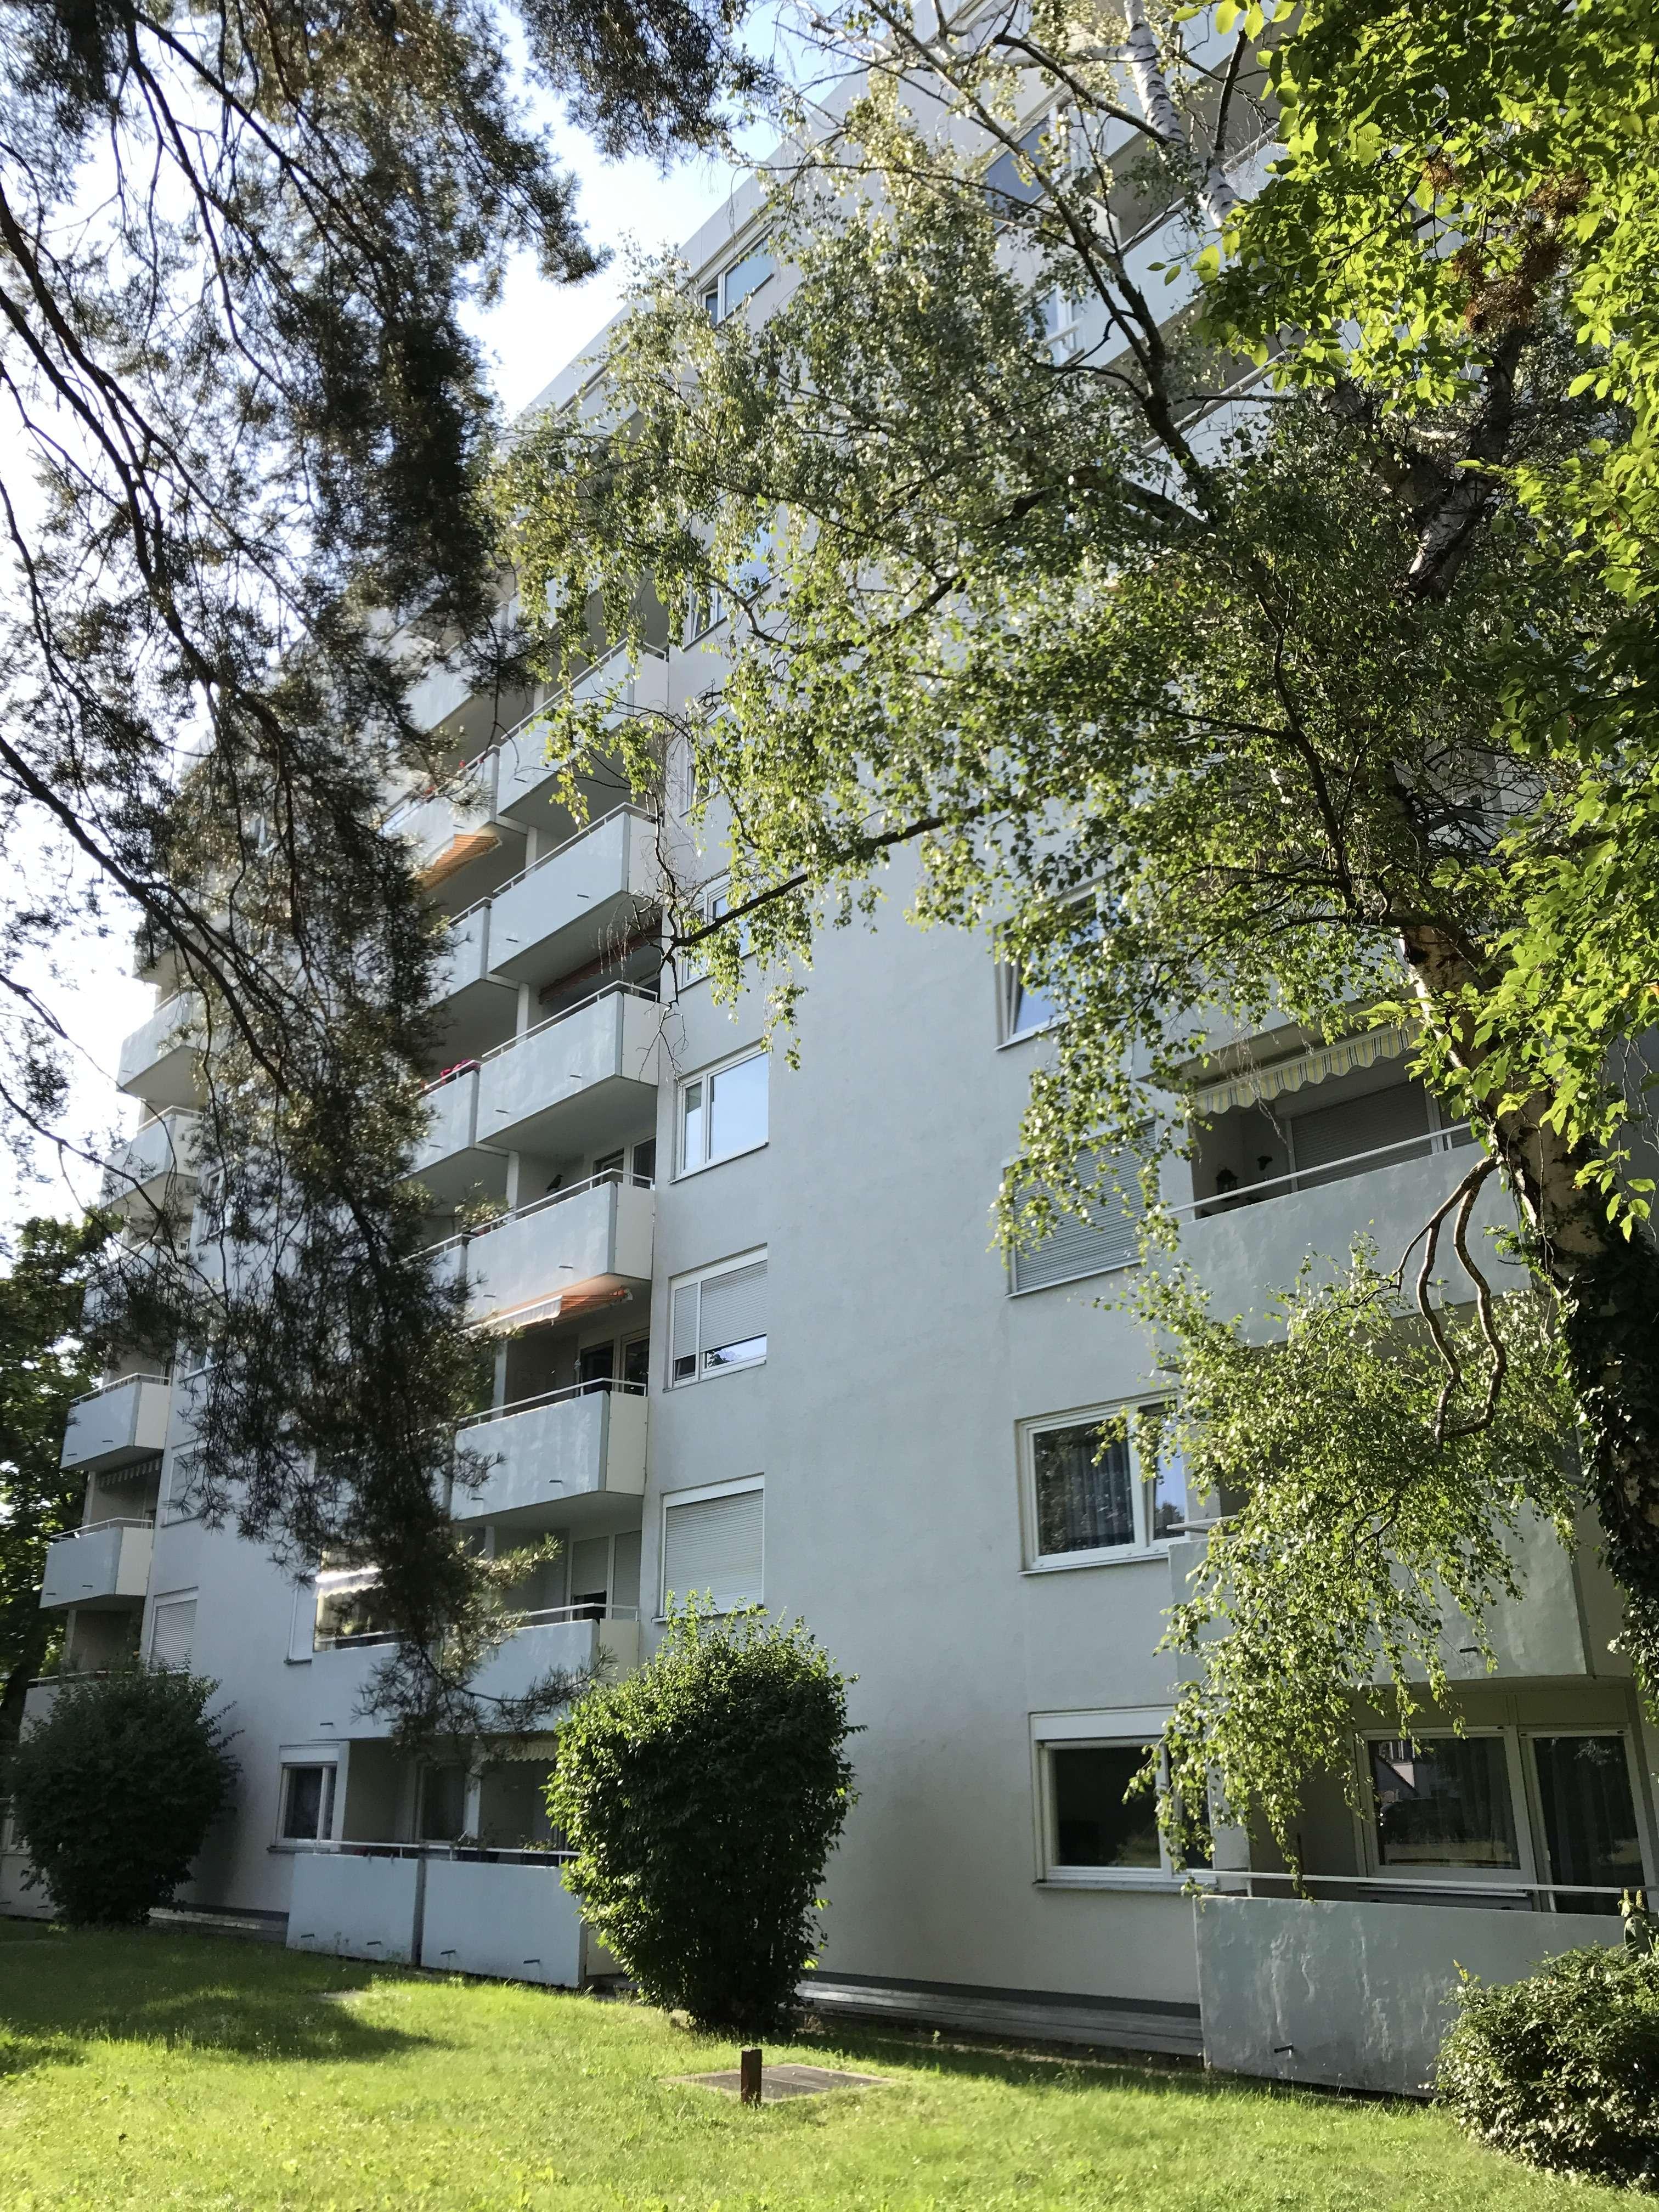 Schöne, renovierte 2 Zimmer Wohnung in Nürnberg, Röthenbach West mit Einbauküche